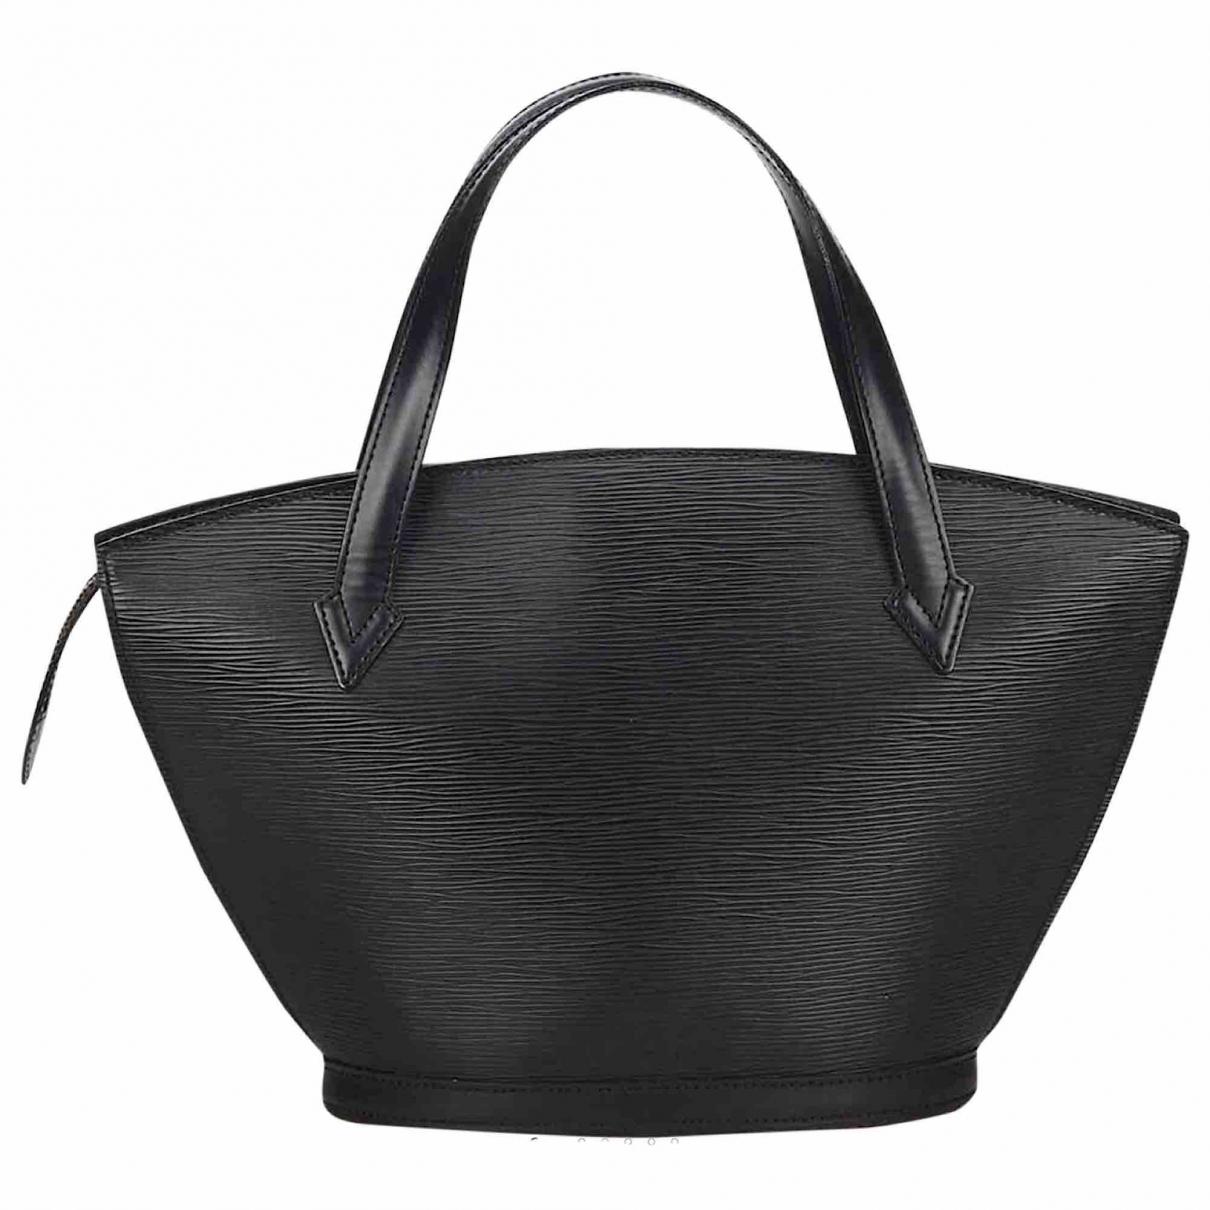 Louis Vuitton Saint Jacques Black Leather handbag for Women N